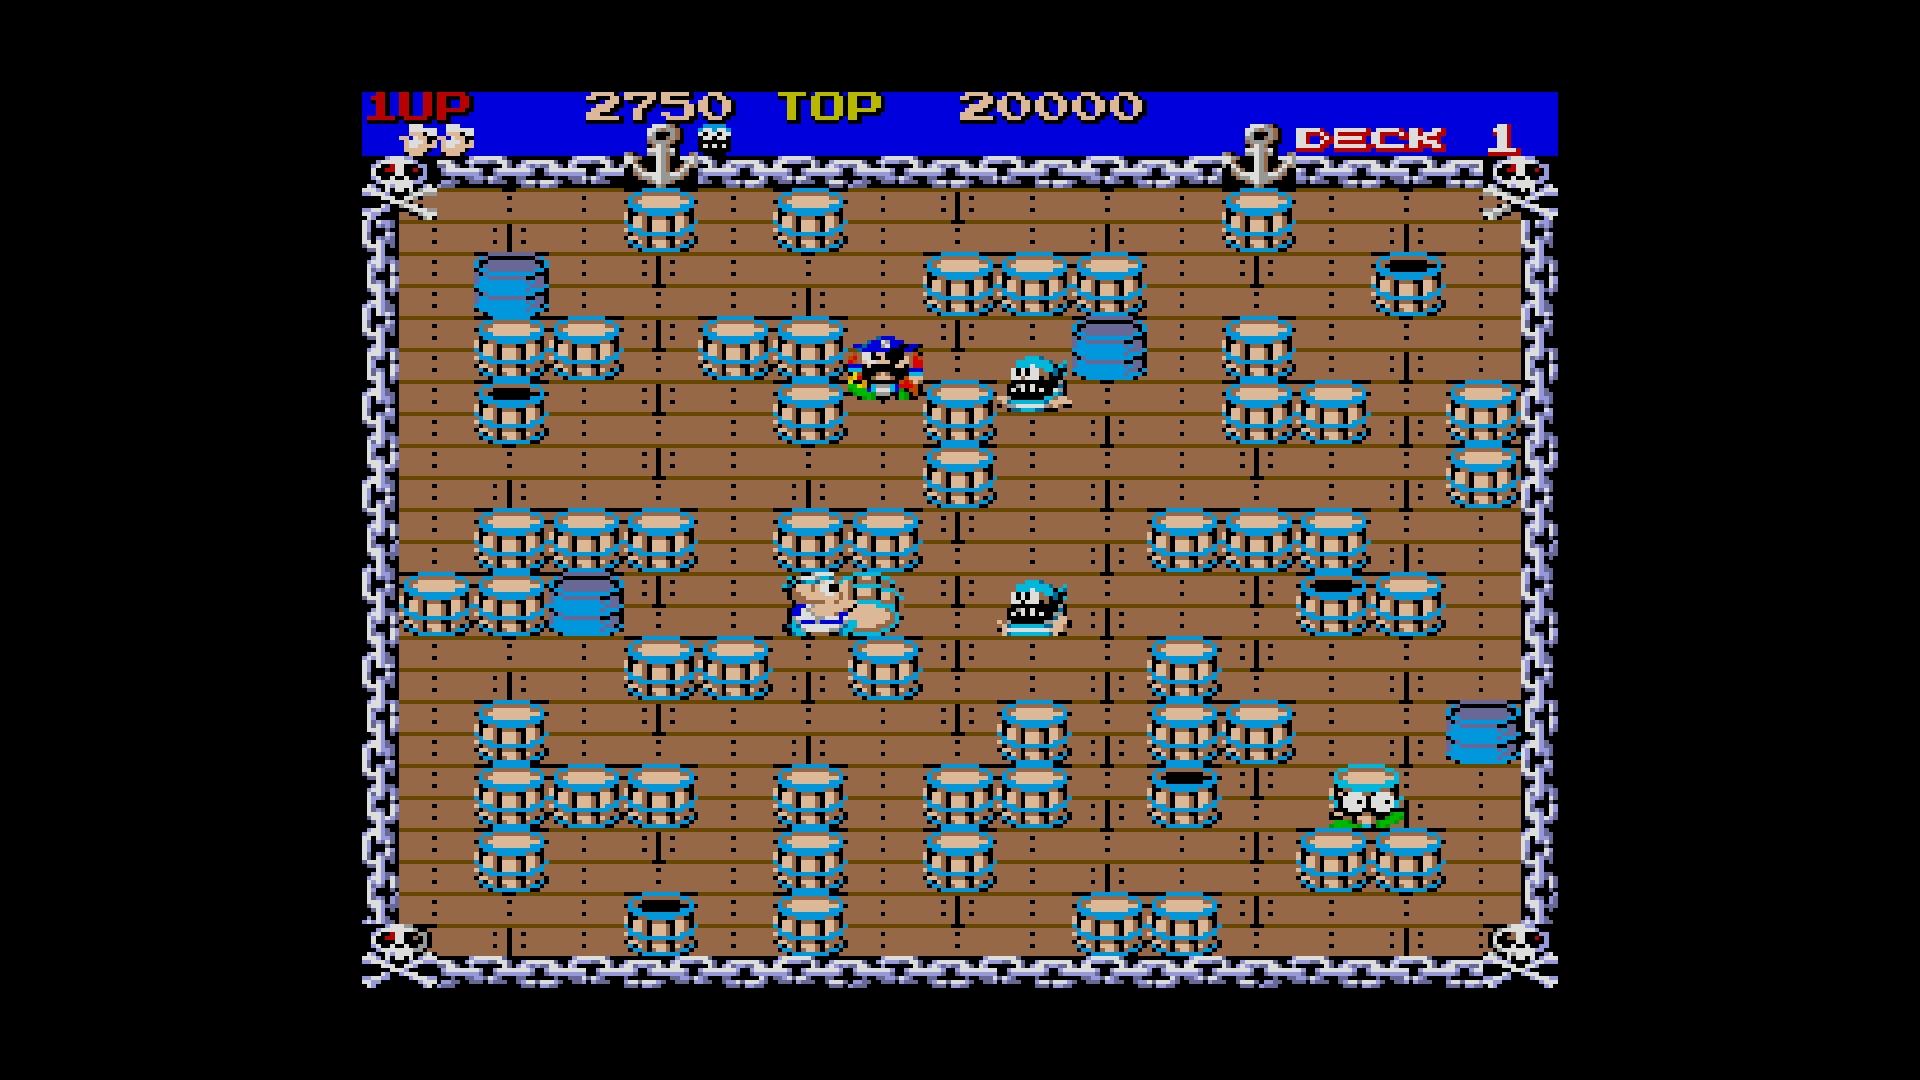 Capcom-Arcade-Stadium_2021_02-17-21_006